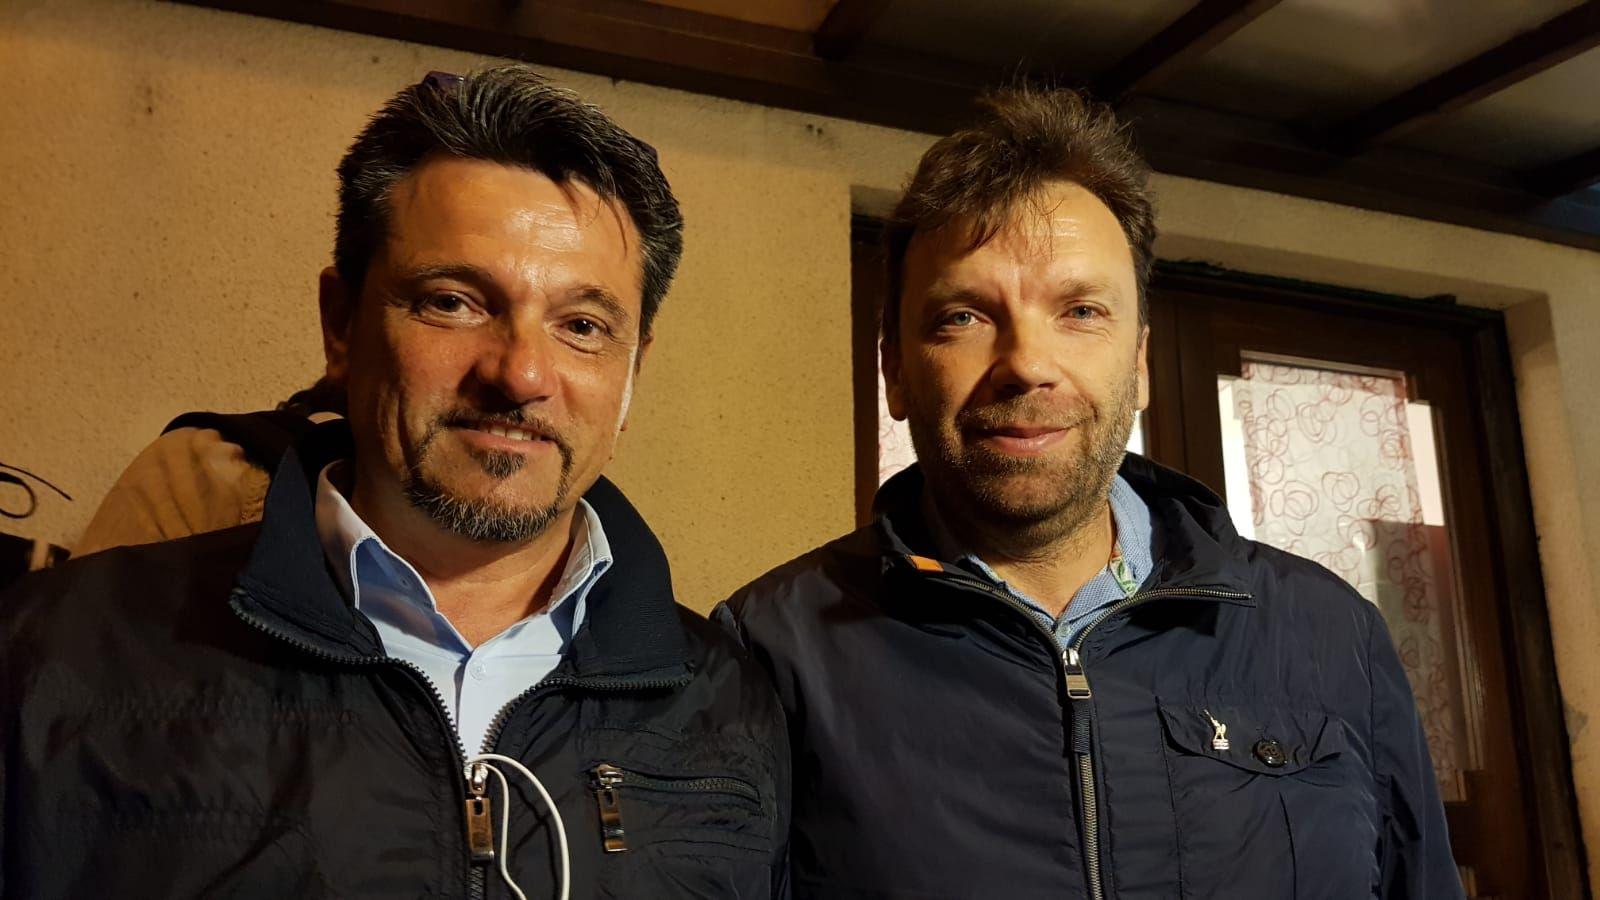 PAVONE - Fava e Leone alla fiaccolata per il tabaccaio Iachi Bonvin